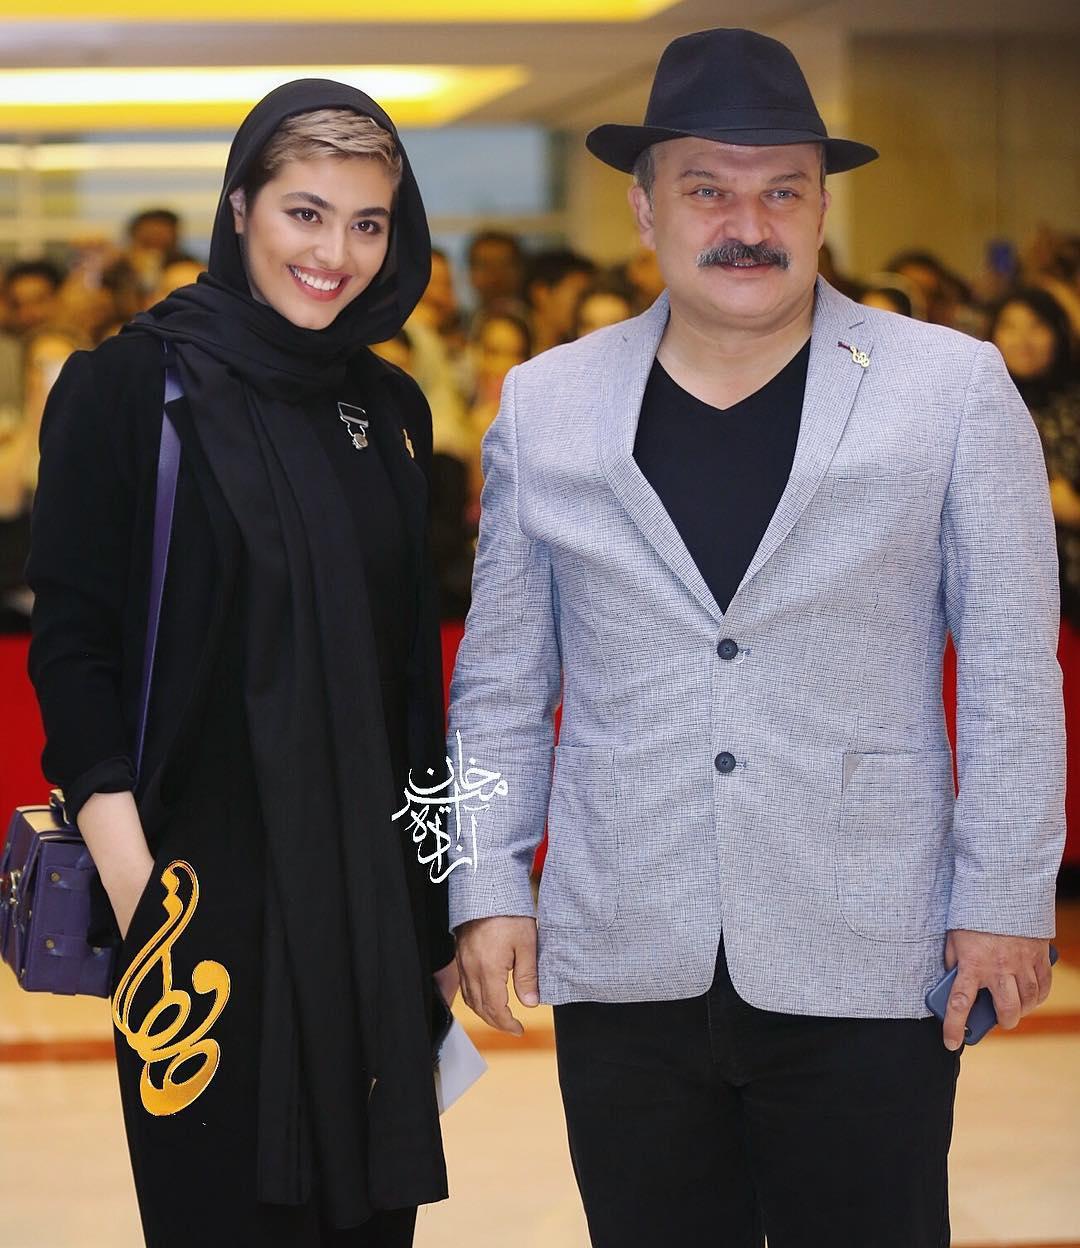 مهدی سلطانی، بازیگر سینما و تلویزیون - عکس جشنواره به همراه ریحانه پارسا